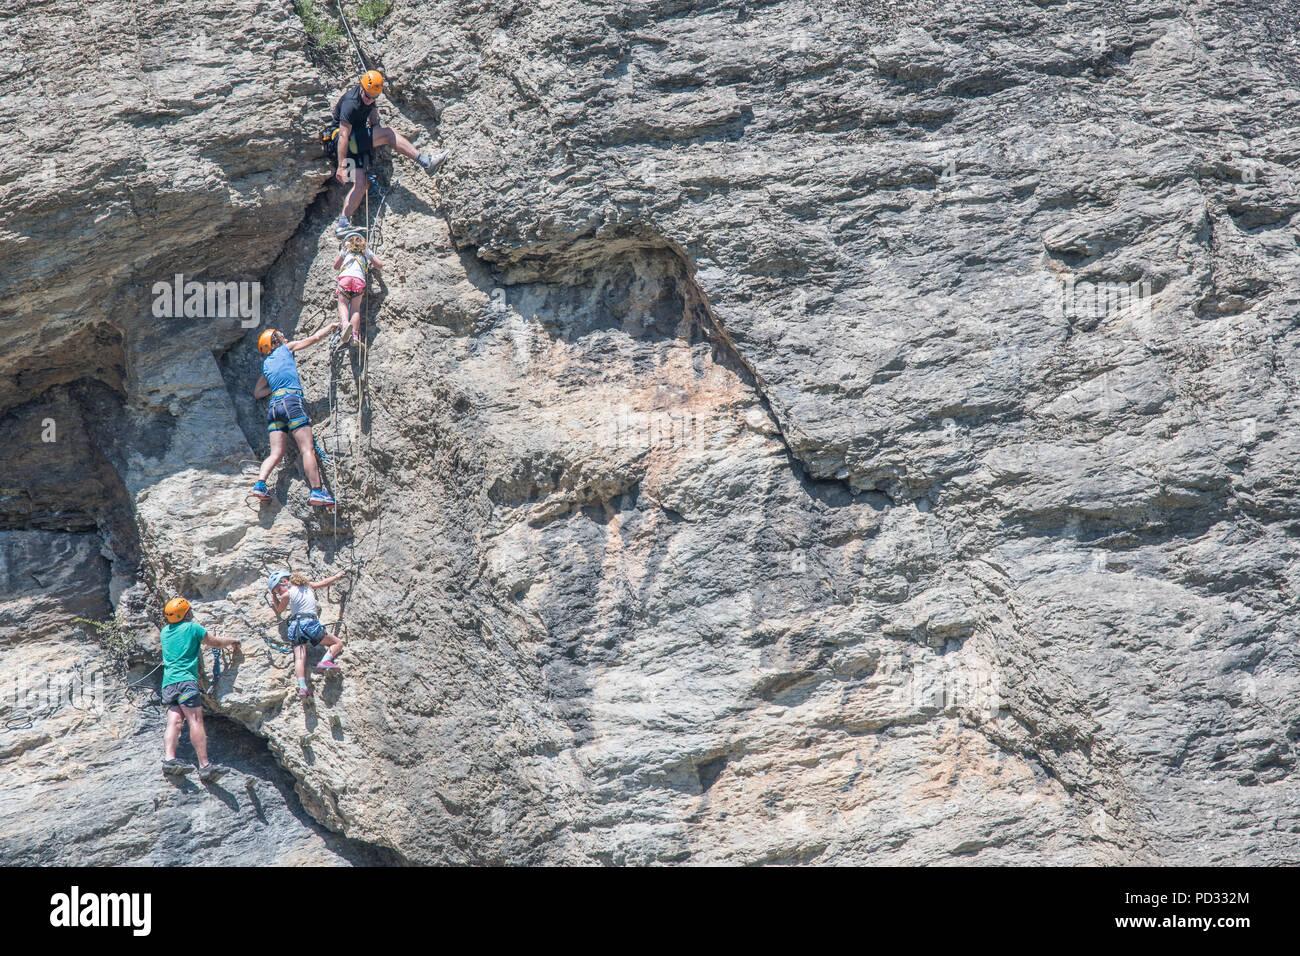 Klettersteig Urlaub : Klettersteig touren das ganz besondere bergerlebnis